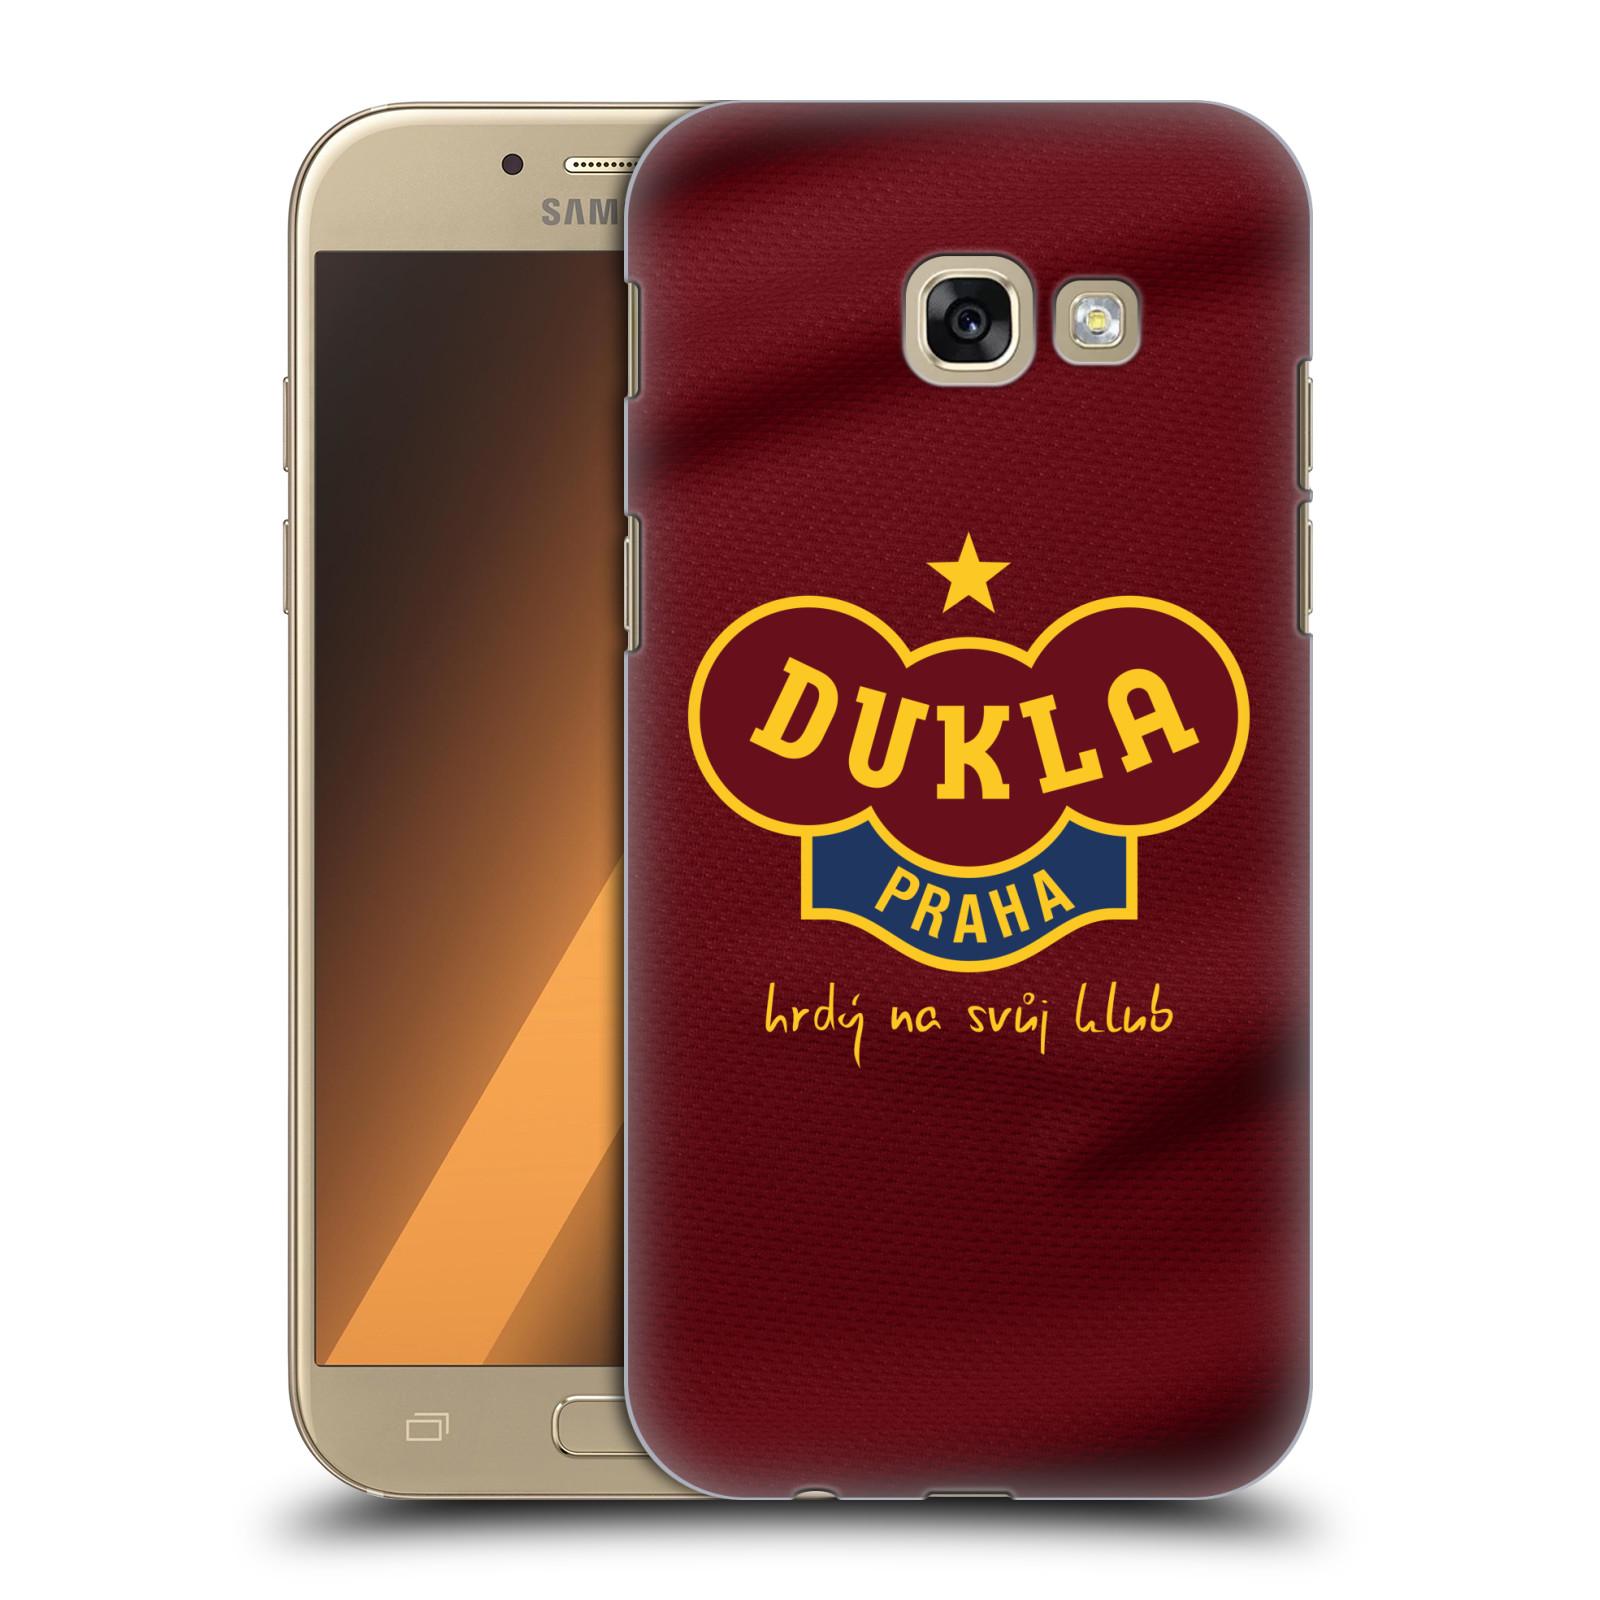 Plastové pouzdro na mobil Samsung Galaxy A5 (2017) - FK Dukla Praha - Vínově červený dres